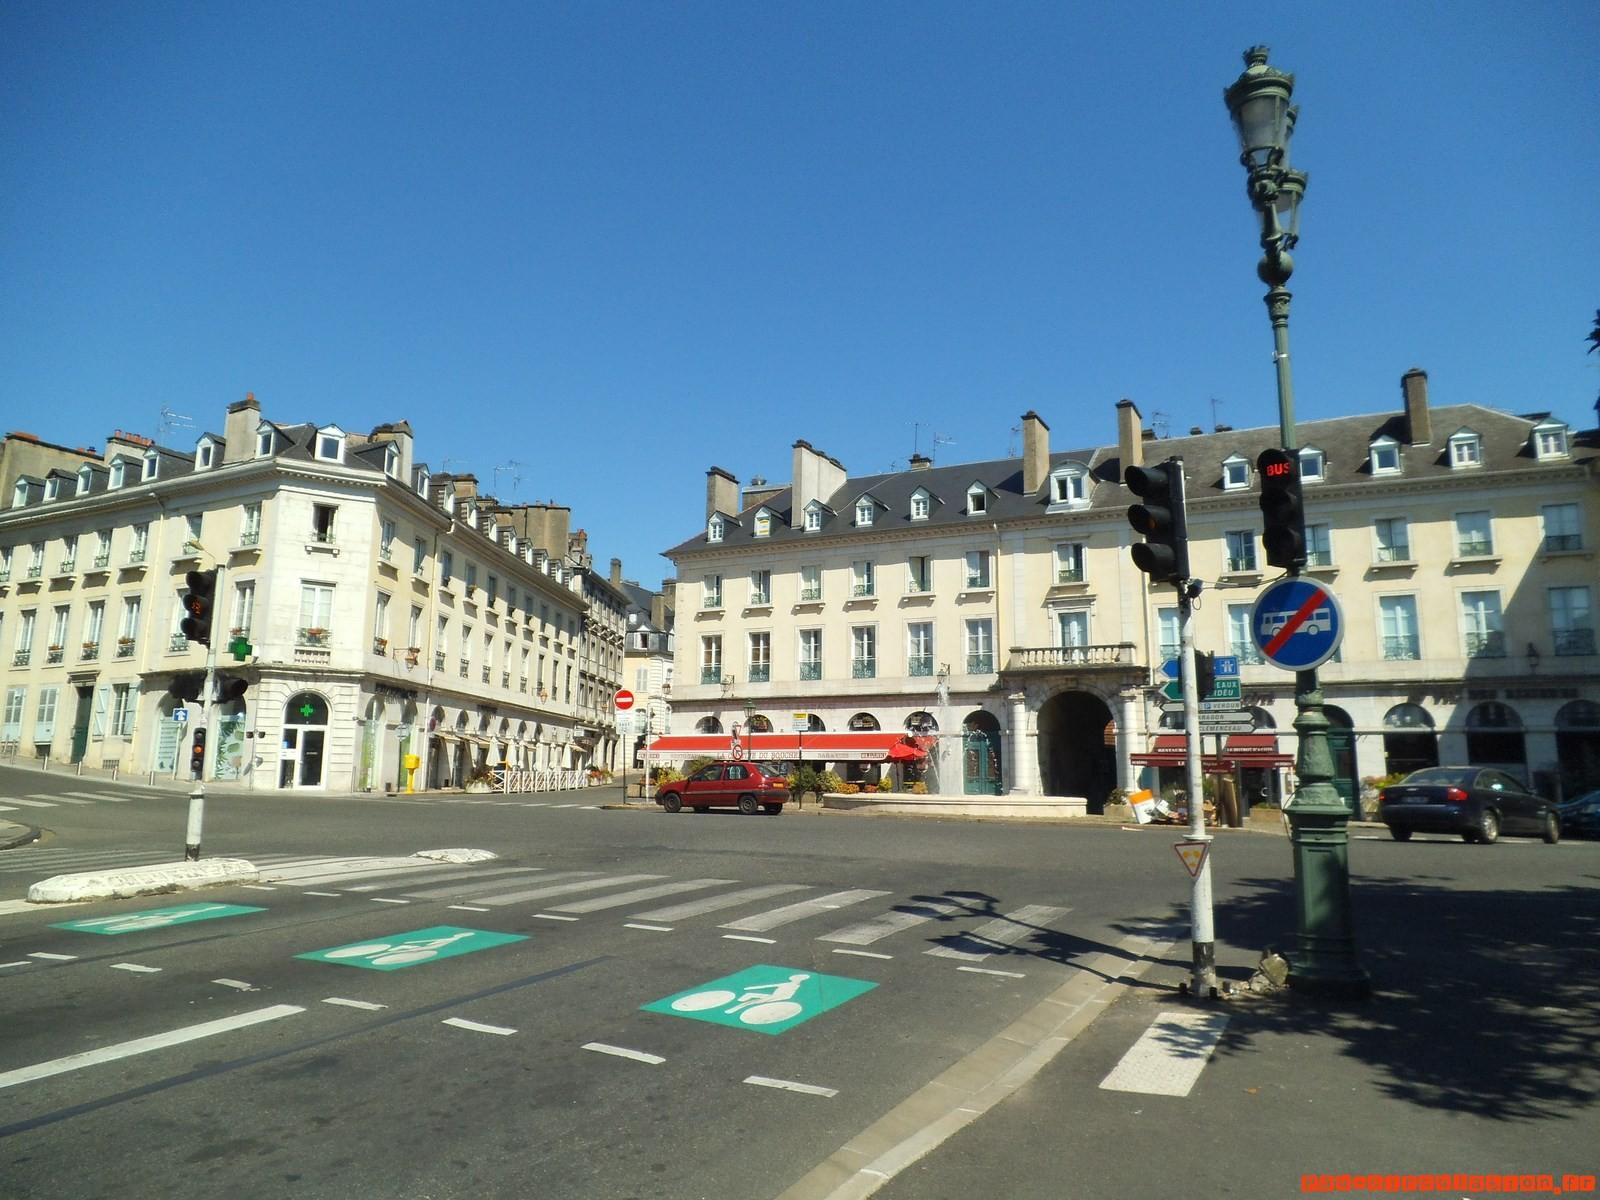 Un couloir de bus pour Gramont Acte 2